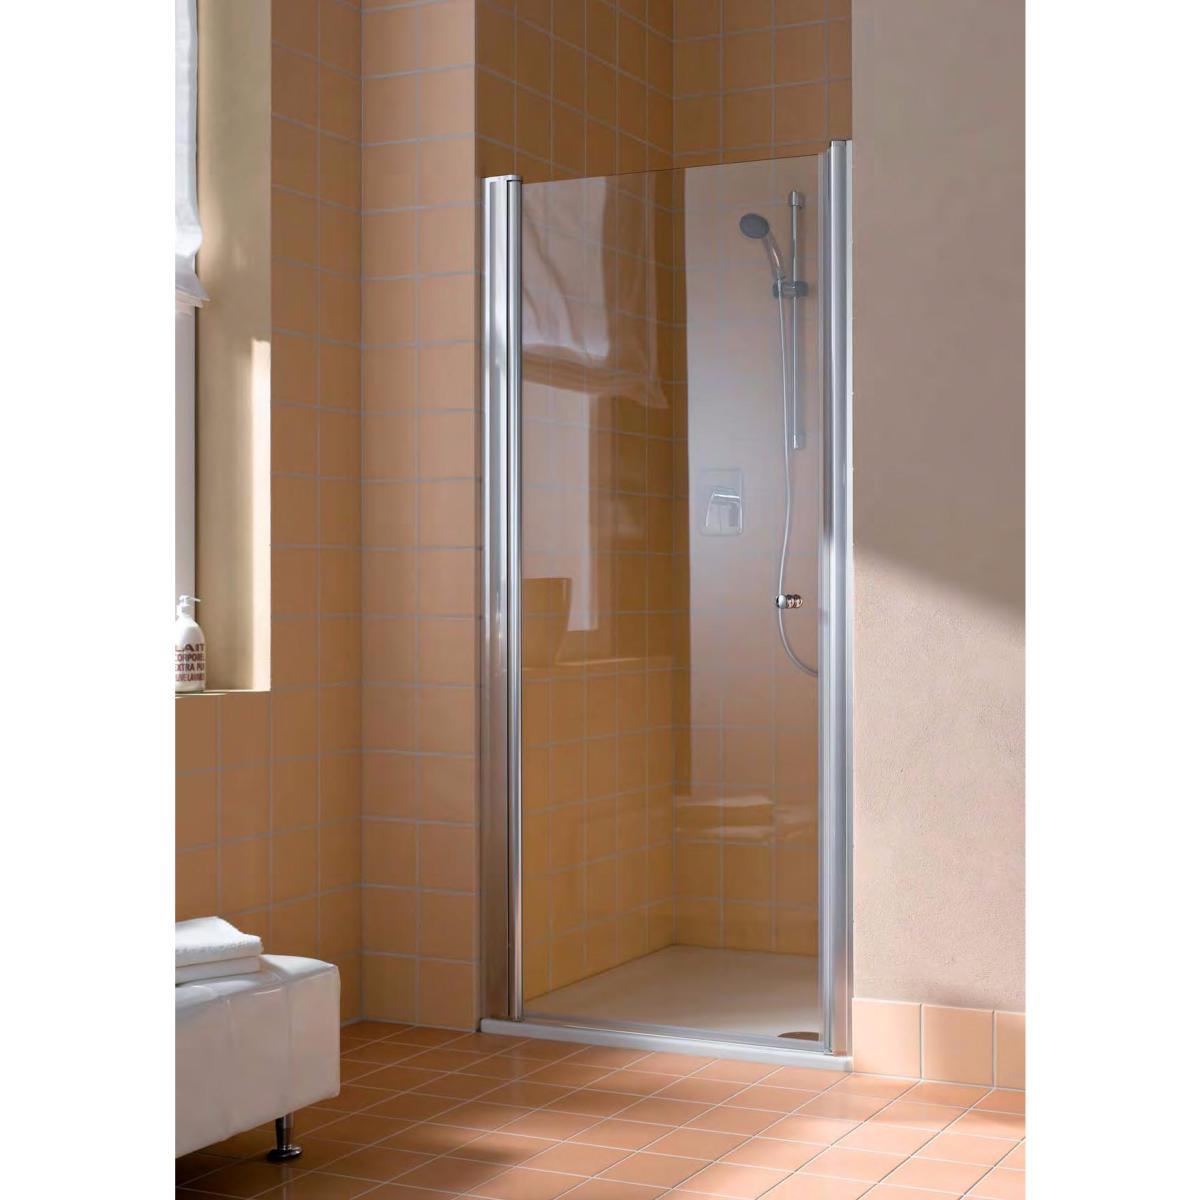 paroi de douche 1 porte pivotante mod le at a at 1w de. Black Bedroom Furniture Sets. Home Design Ideas